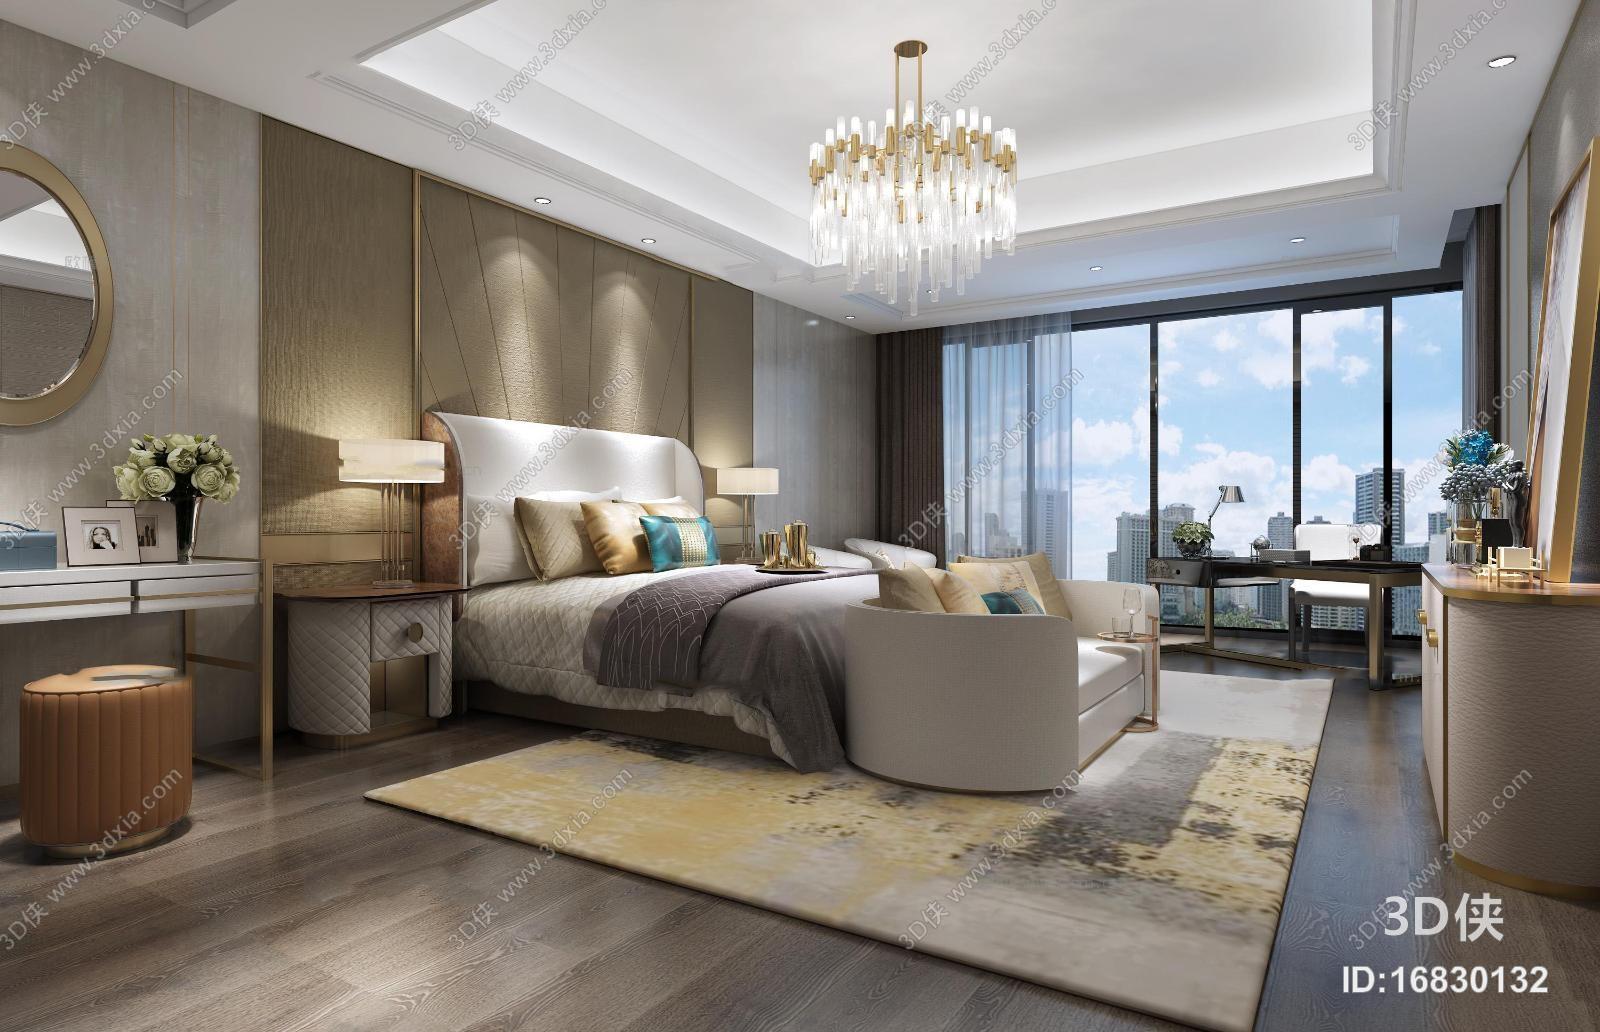 效果圖素材免費下載,本作品主題是現代輕奢臥室3d模型,編號是16830132